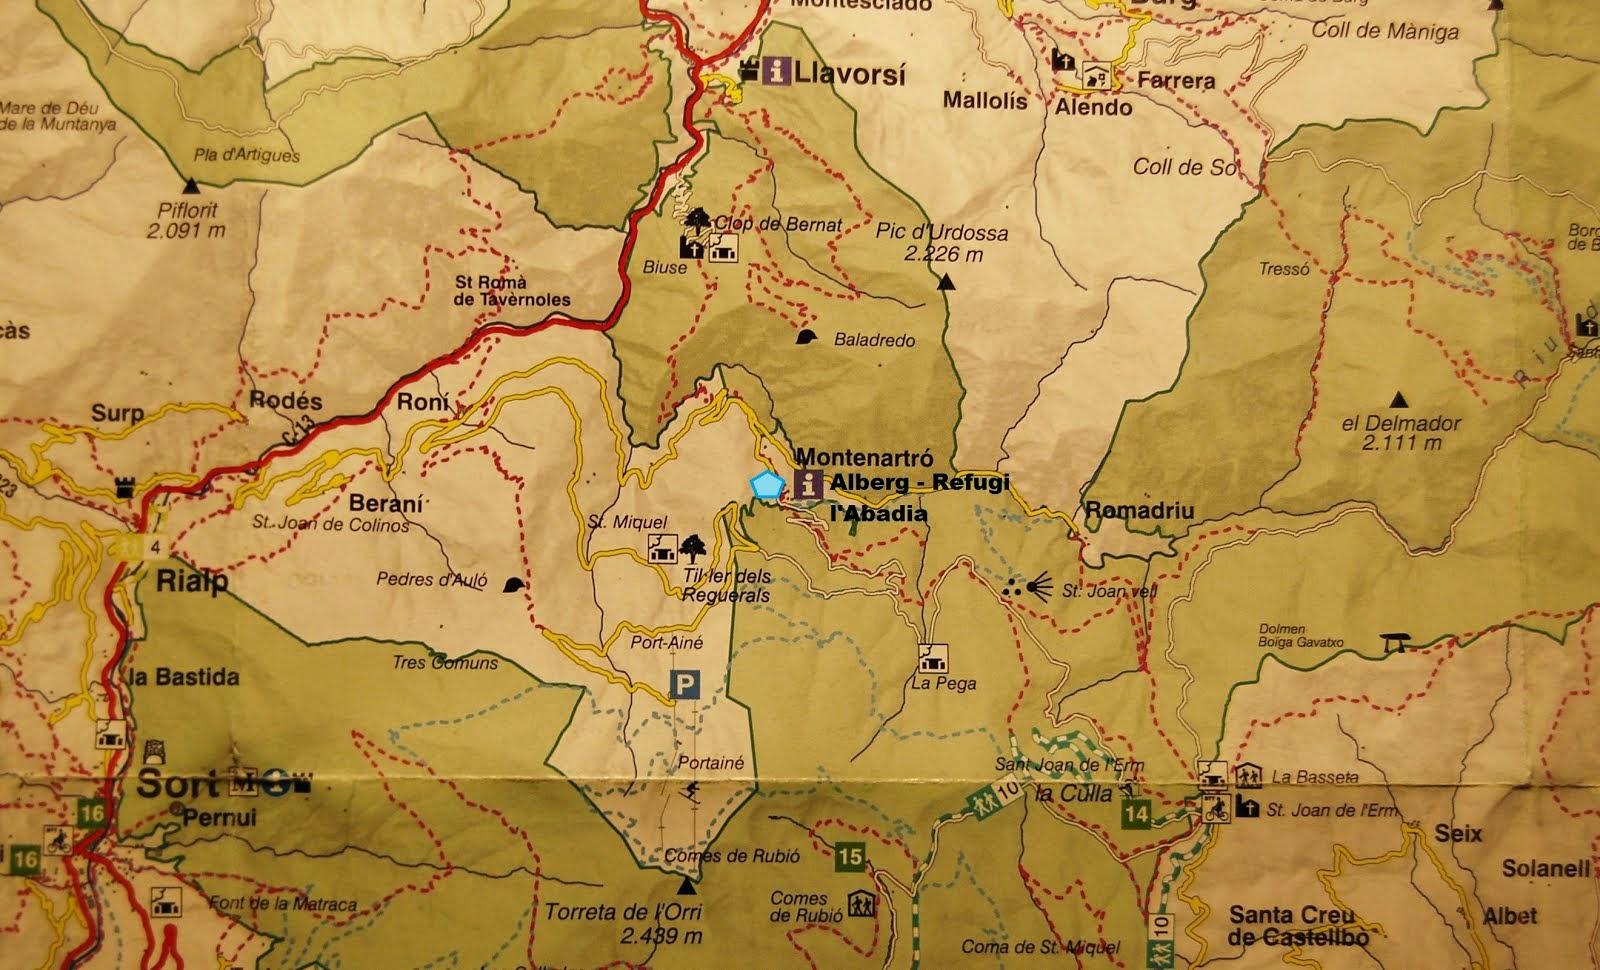 el pallars sobirà,                           clickeu per veure el mapa de la zona